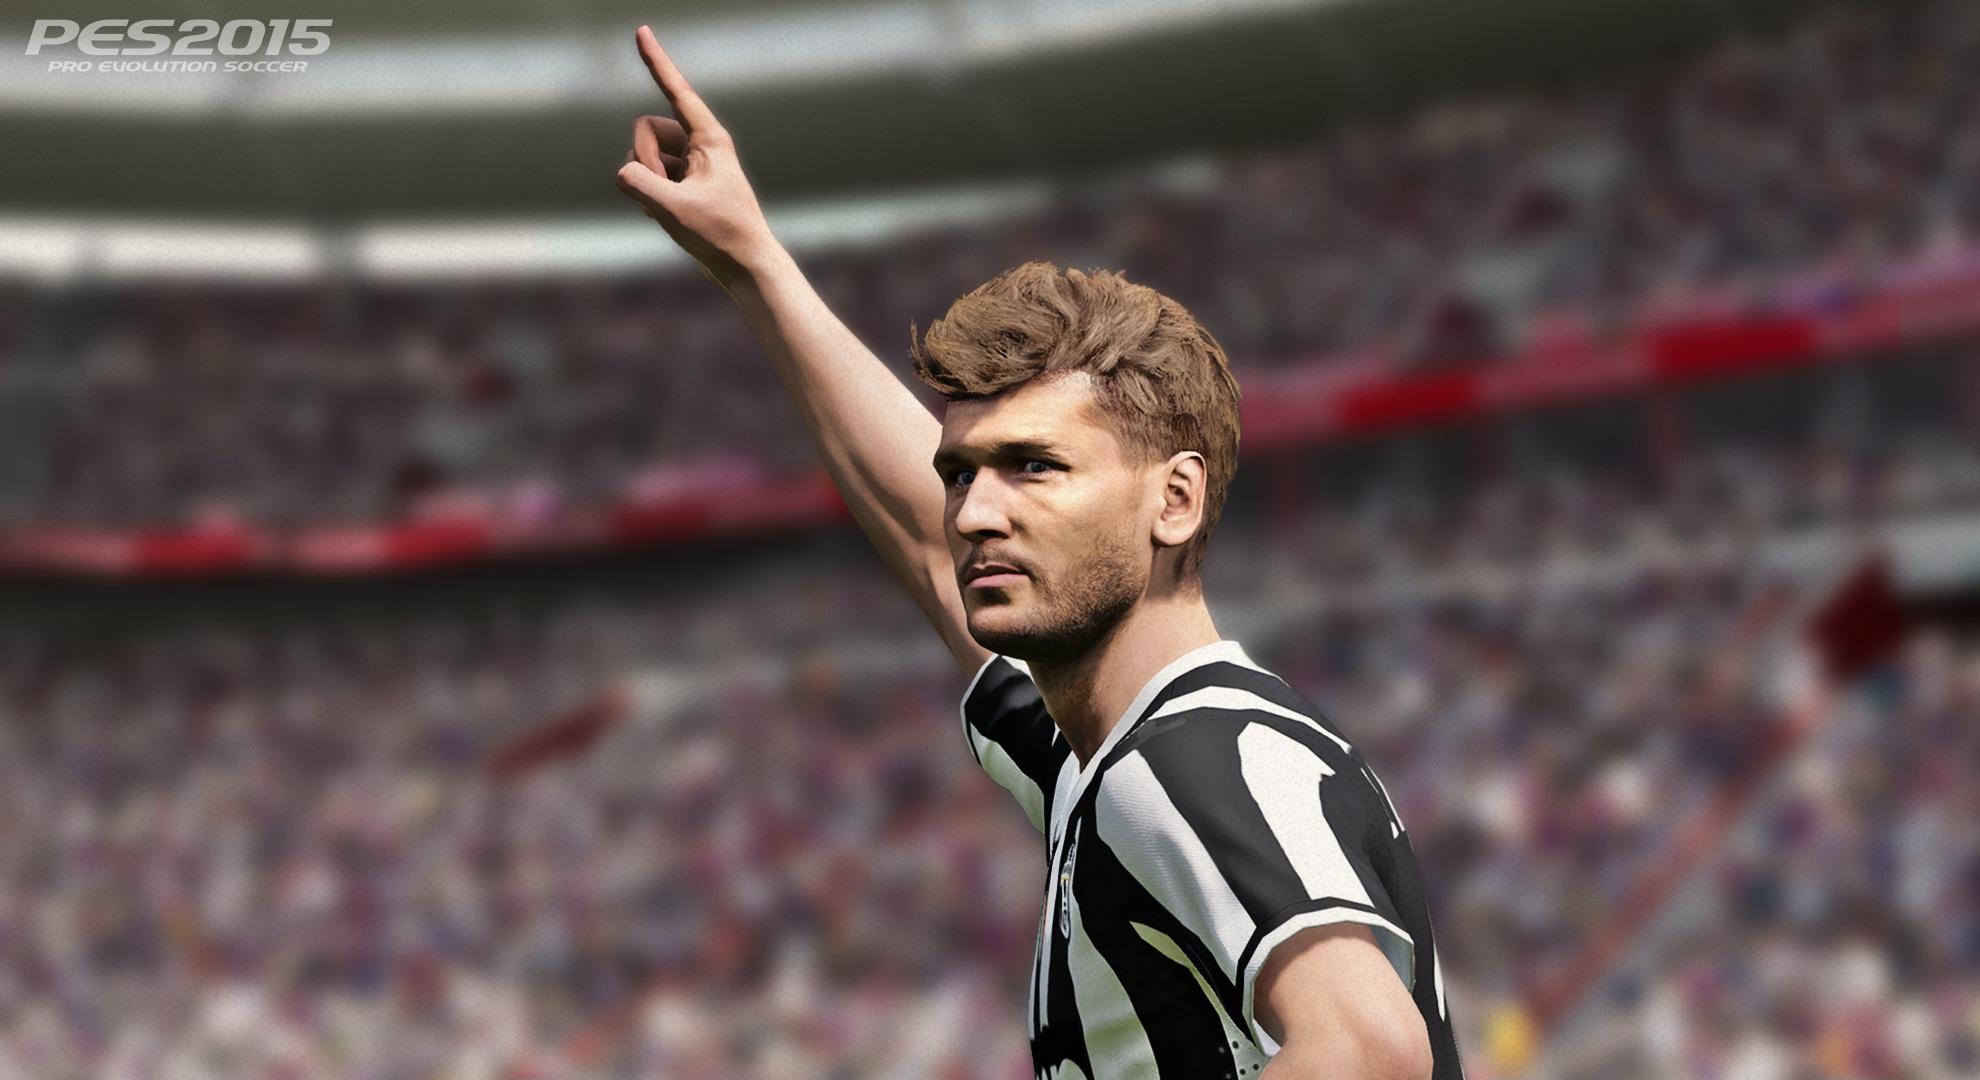 Odhaleno Pro Evolution Soccer 2015 98136